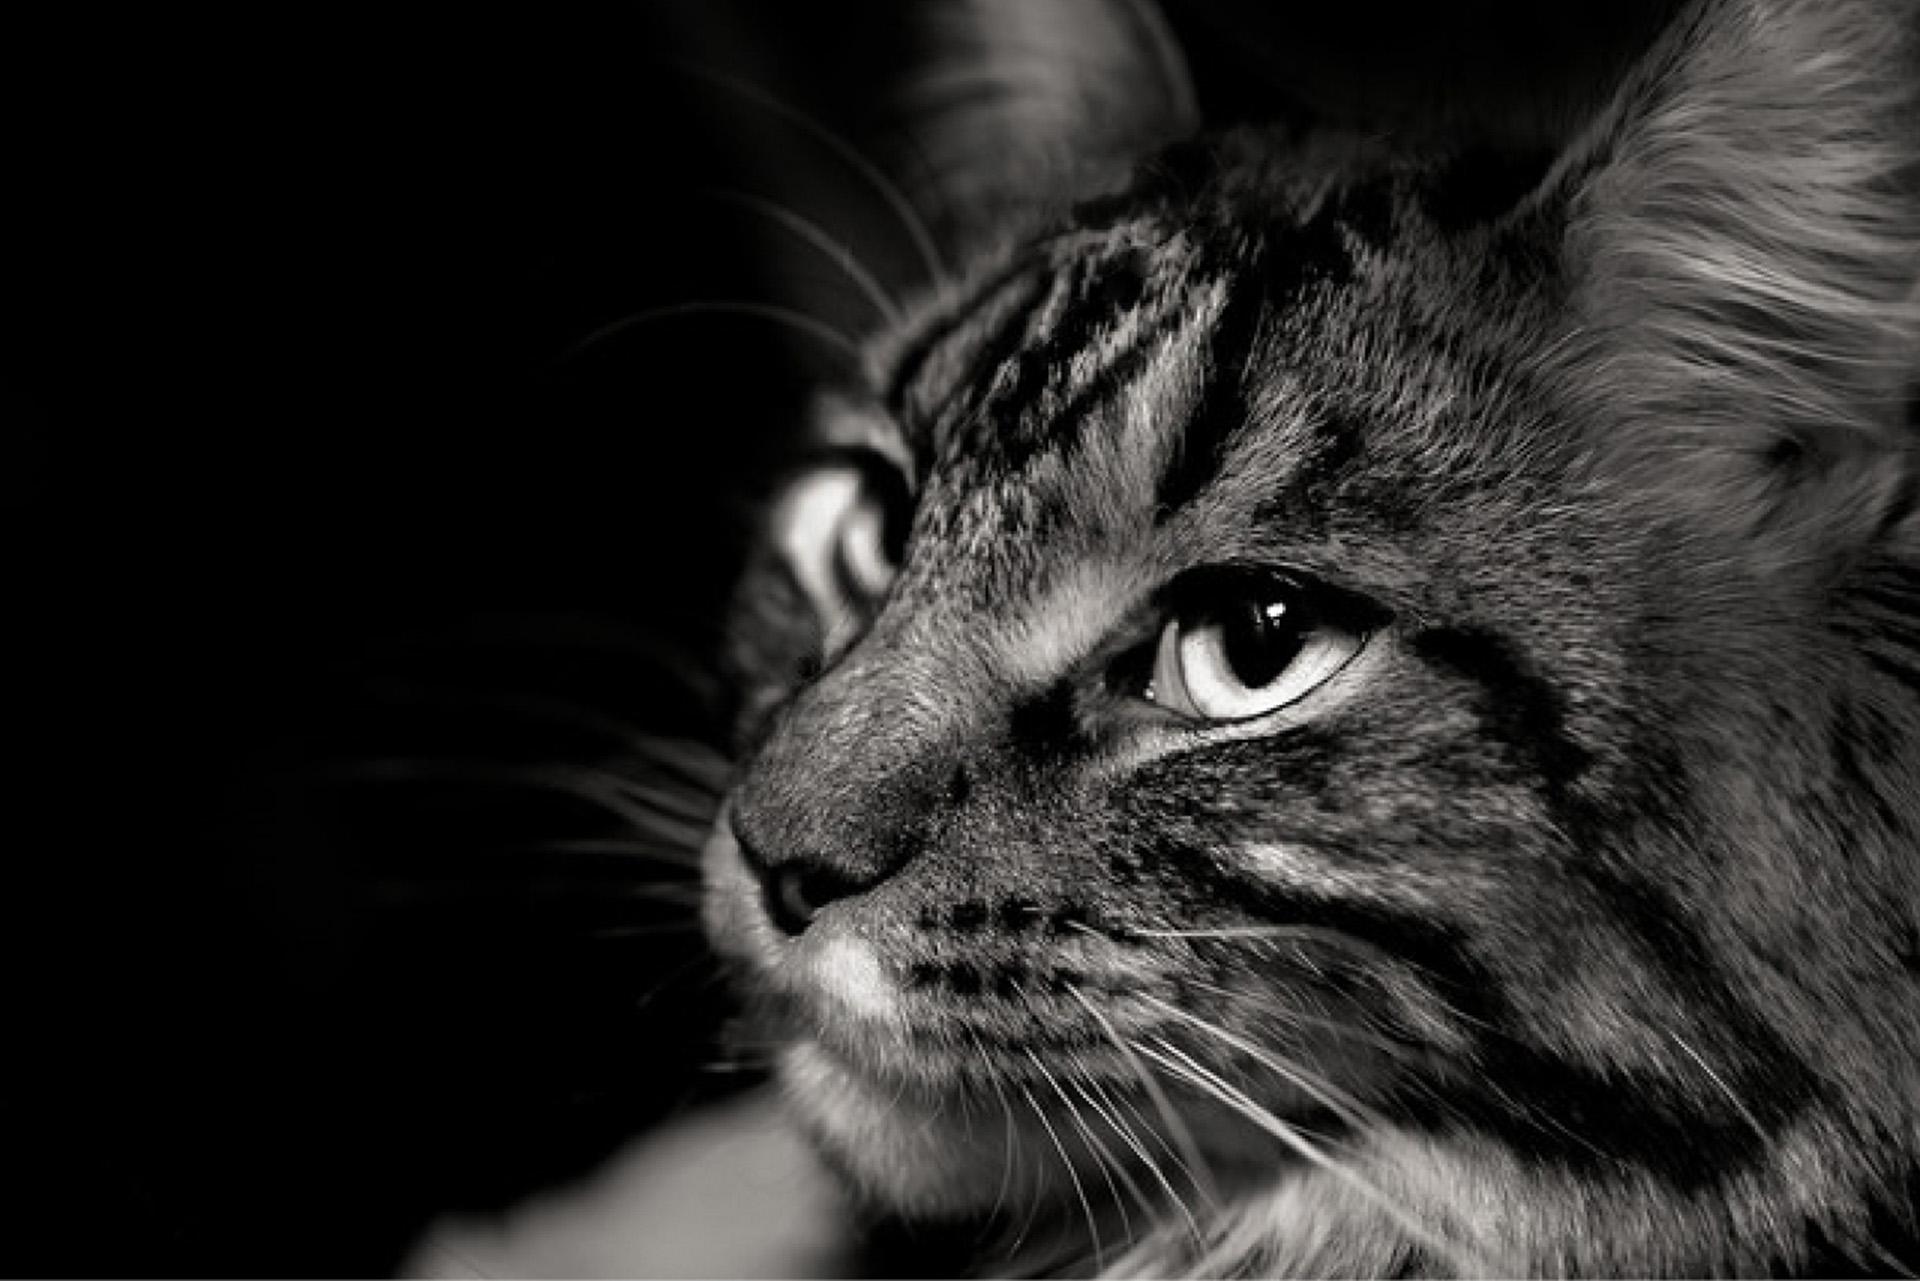 katt, zoo center, zoobutik, djuraffär, kattmat, kattsand, kattleksaker, klösbräda, katthalsband, kattbur, kattmöbel, kattbädd, kattsäng, kattgodis